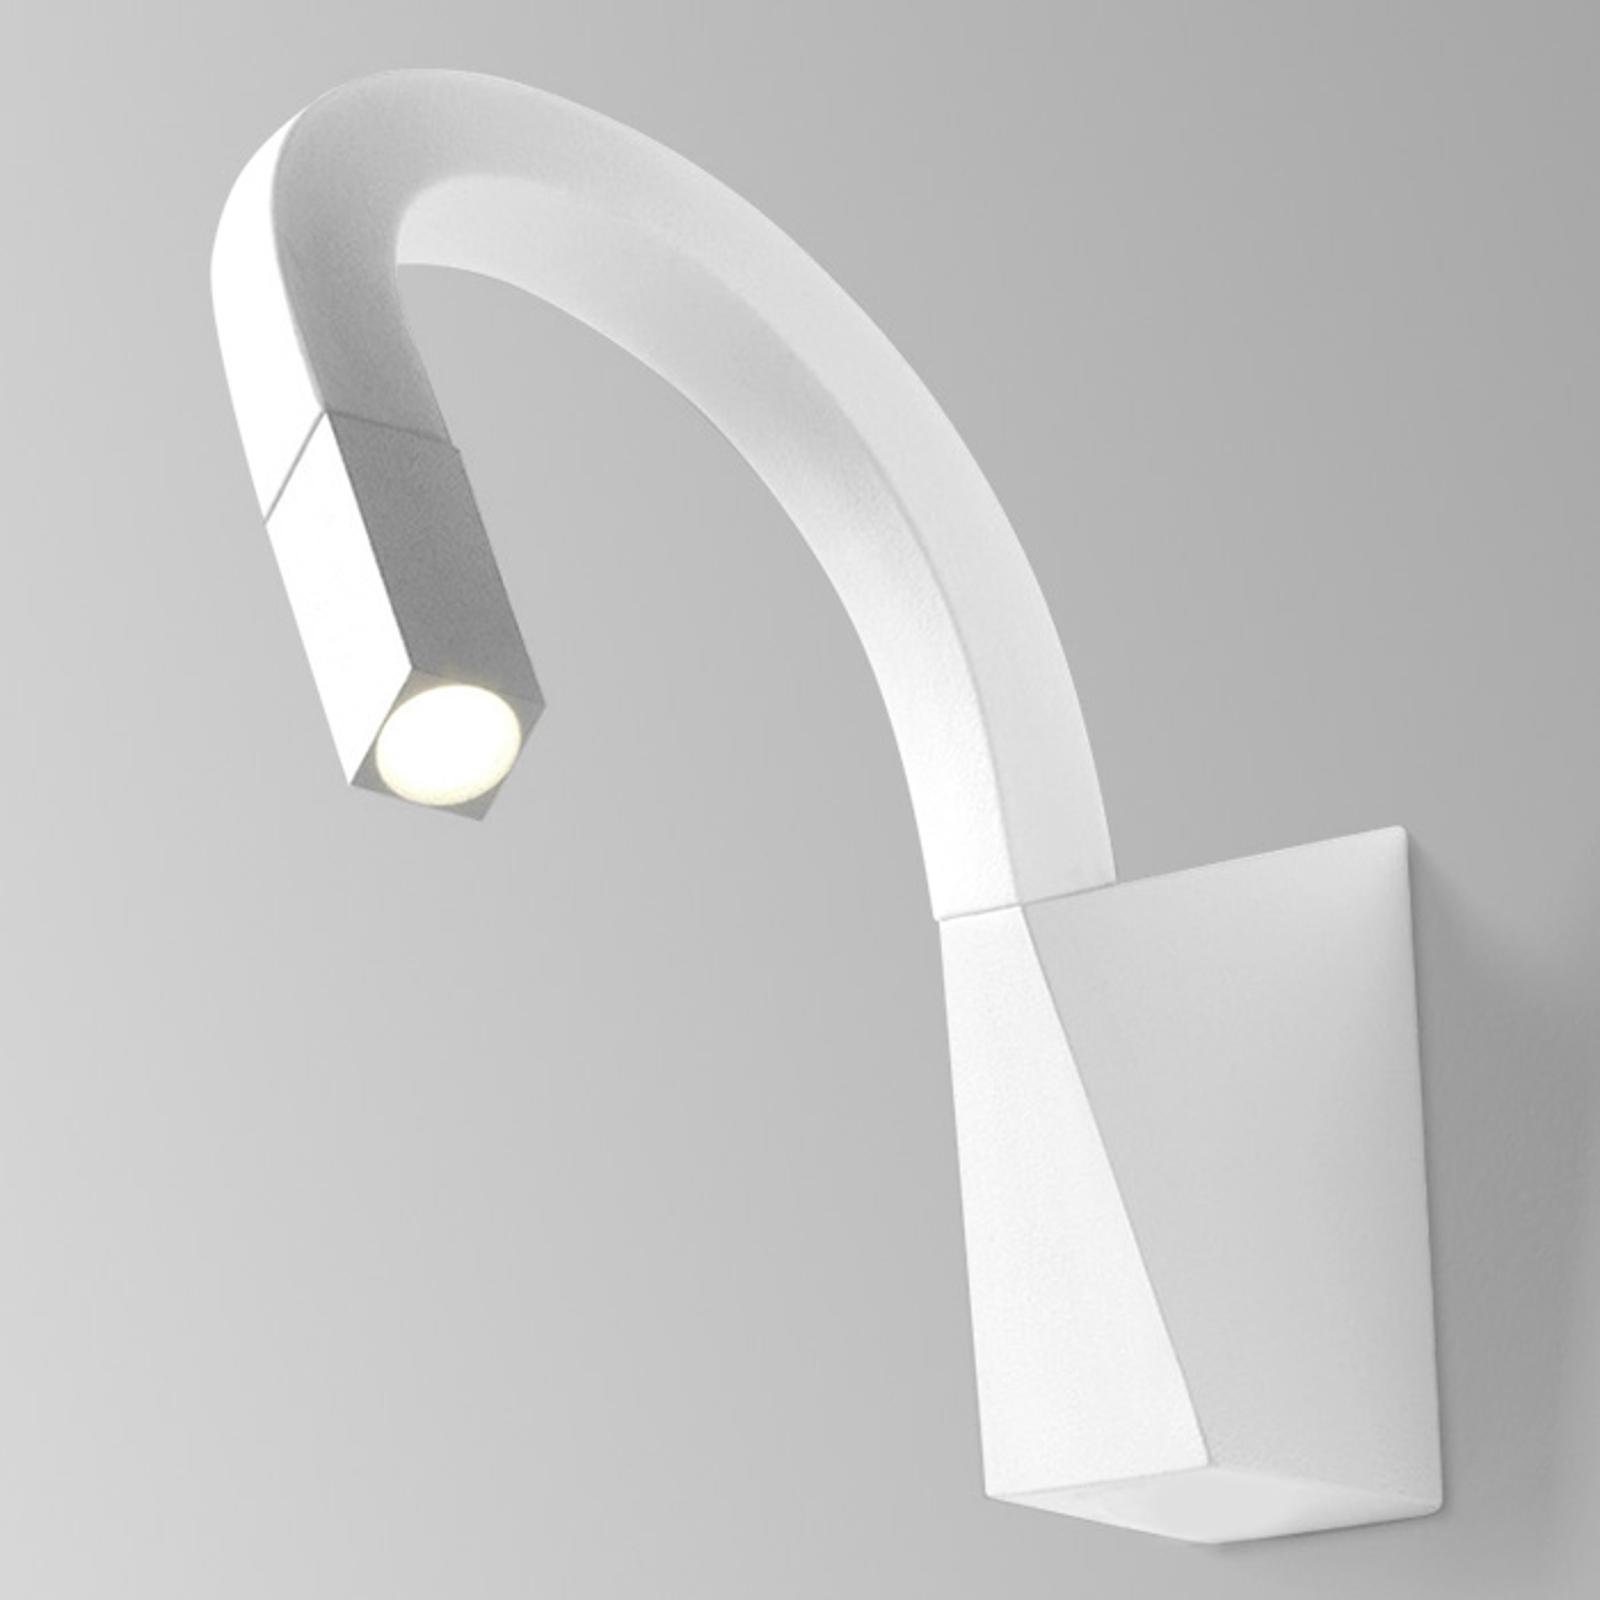 Aplique LED Snake flexible en blanco